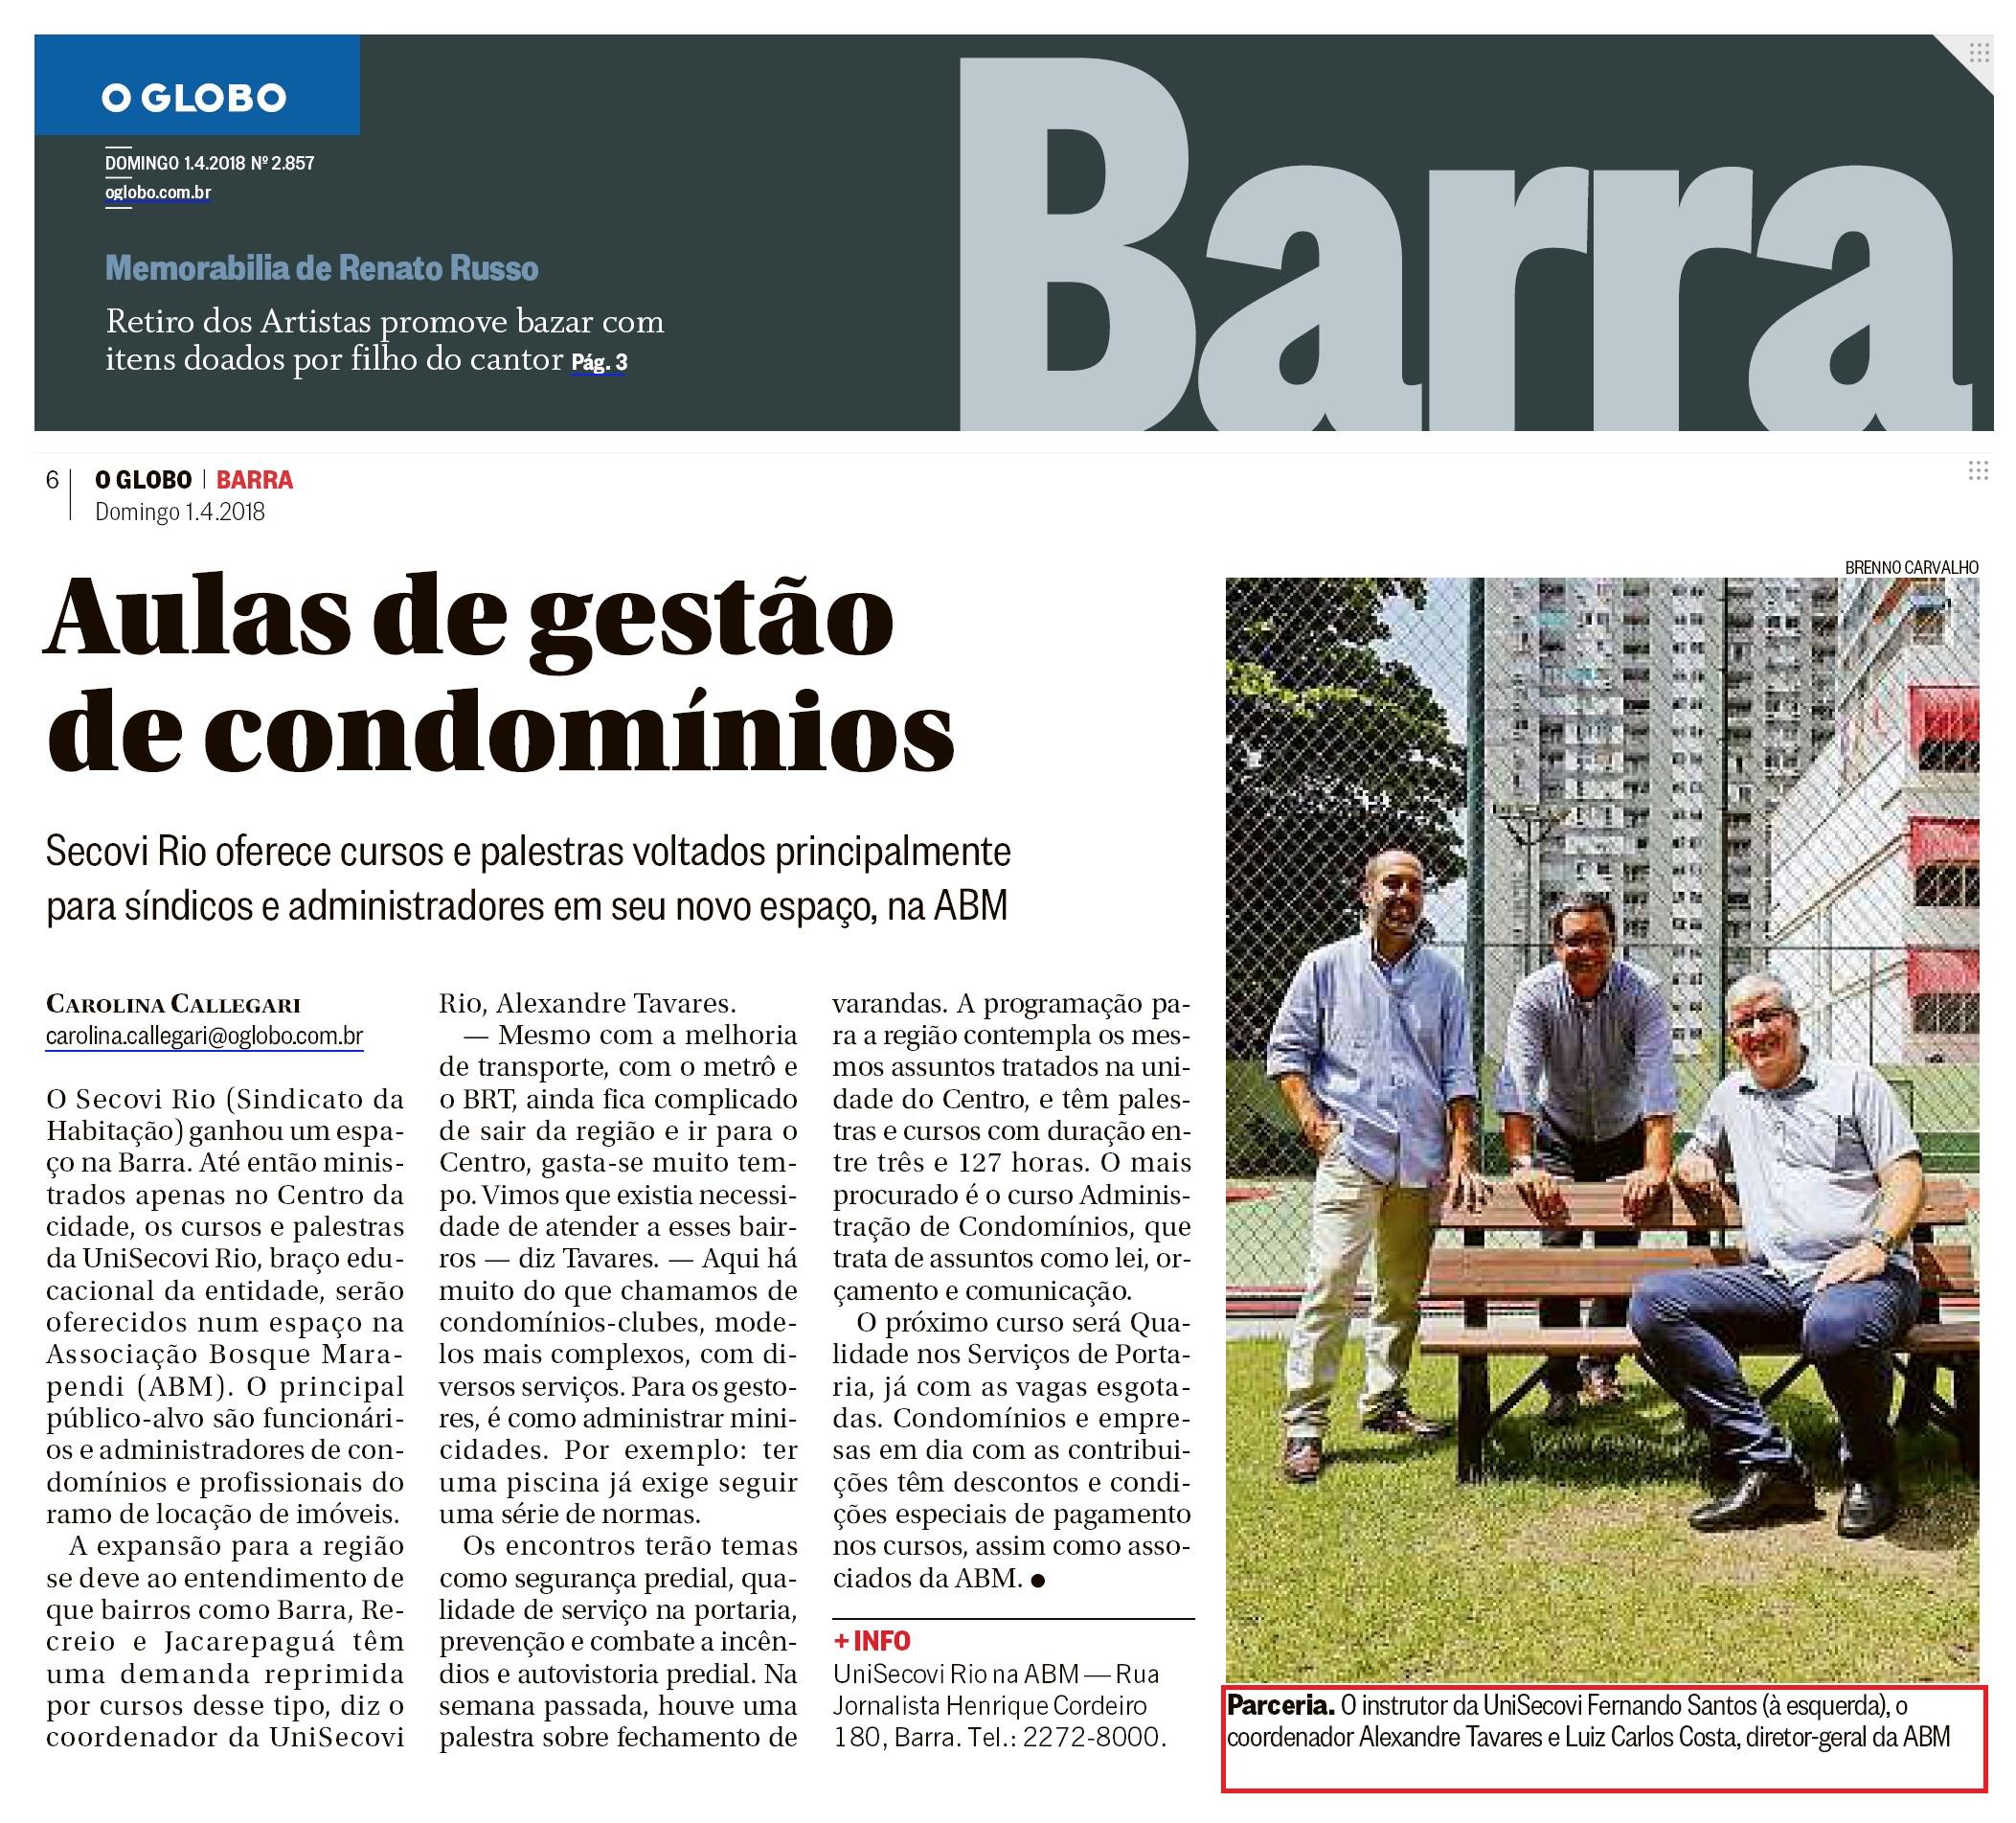 Jornal Globo Barra – matéria Aulas de gestão de condomínios